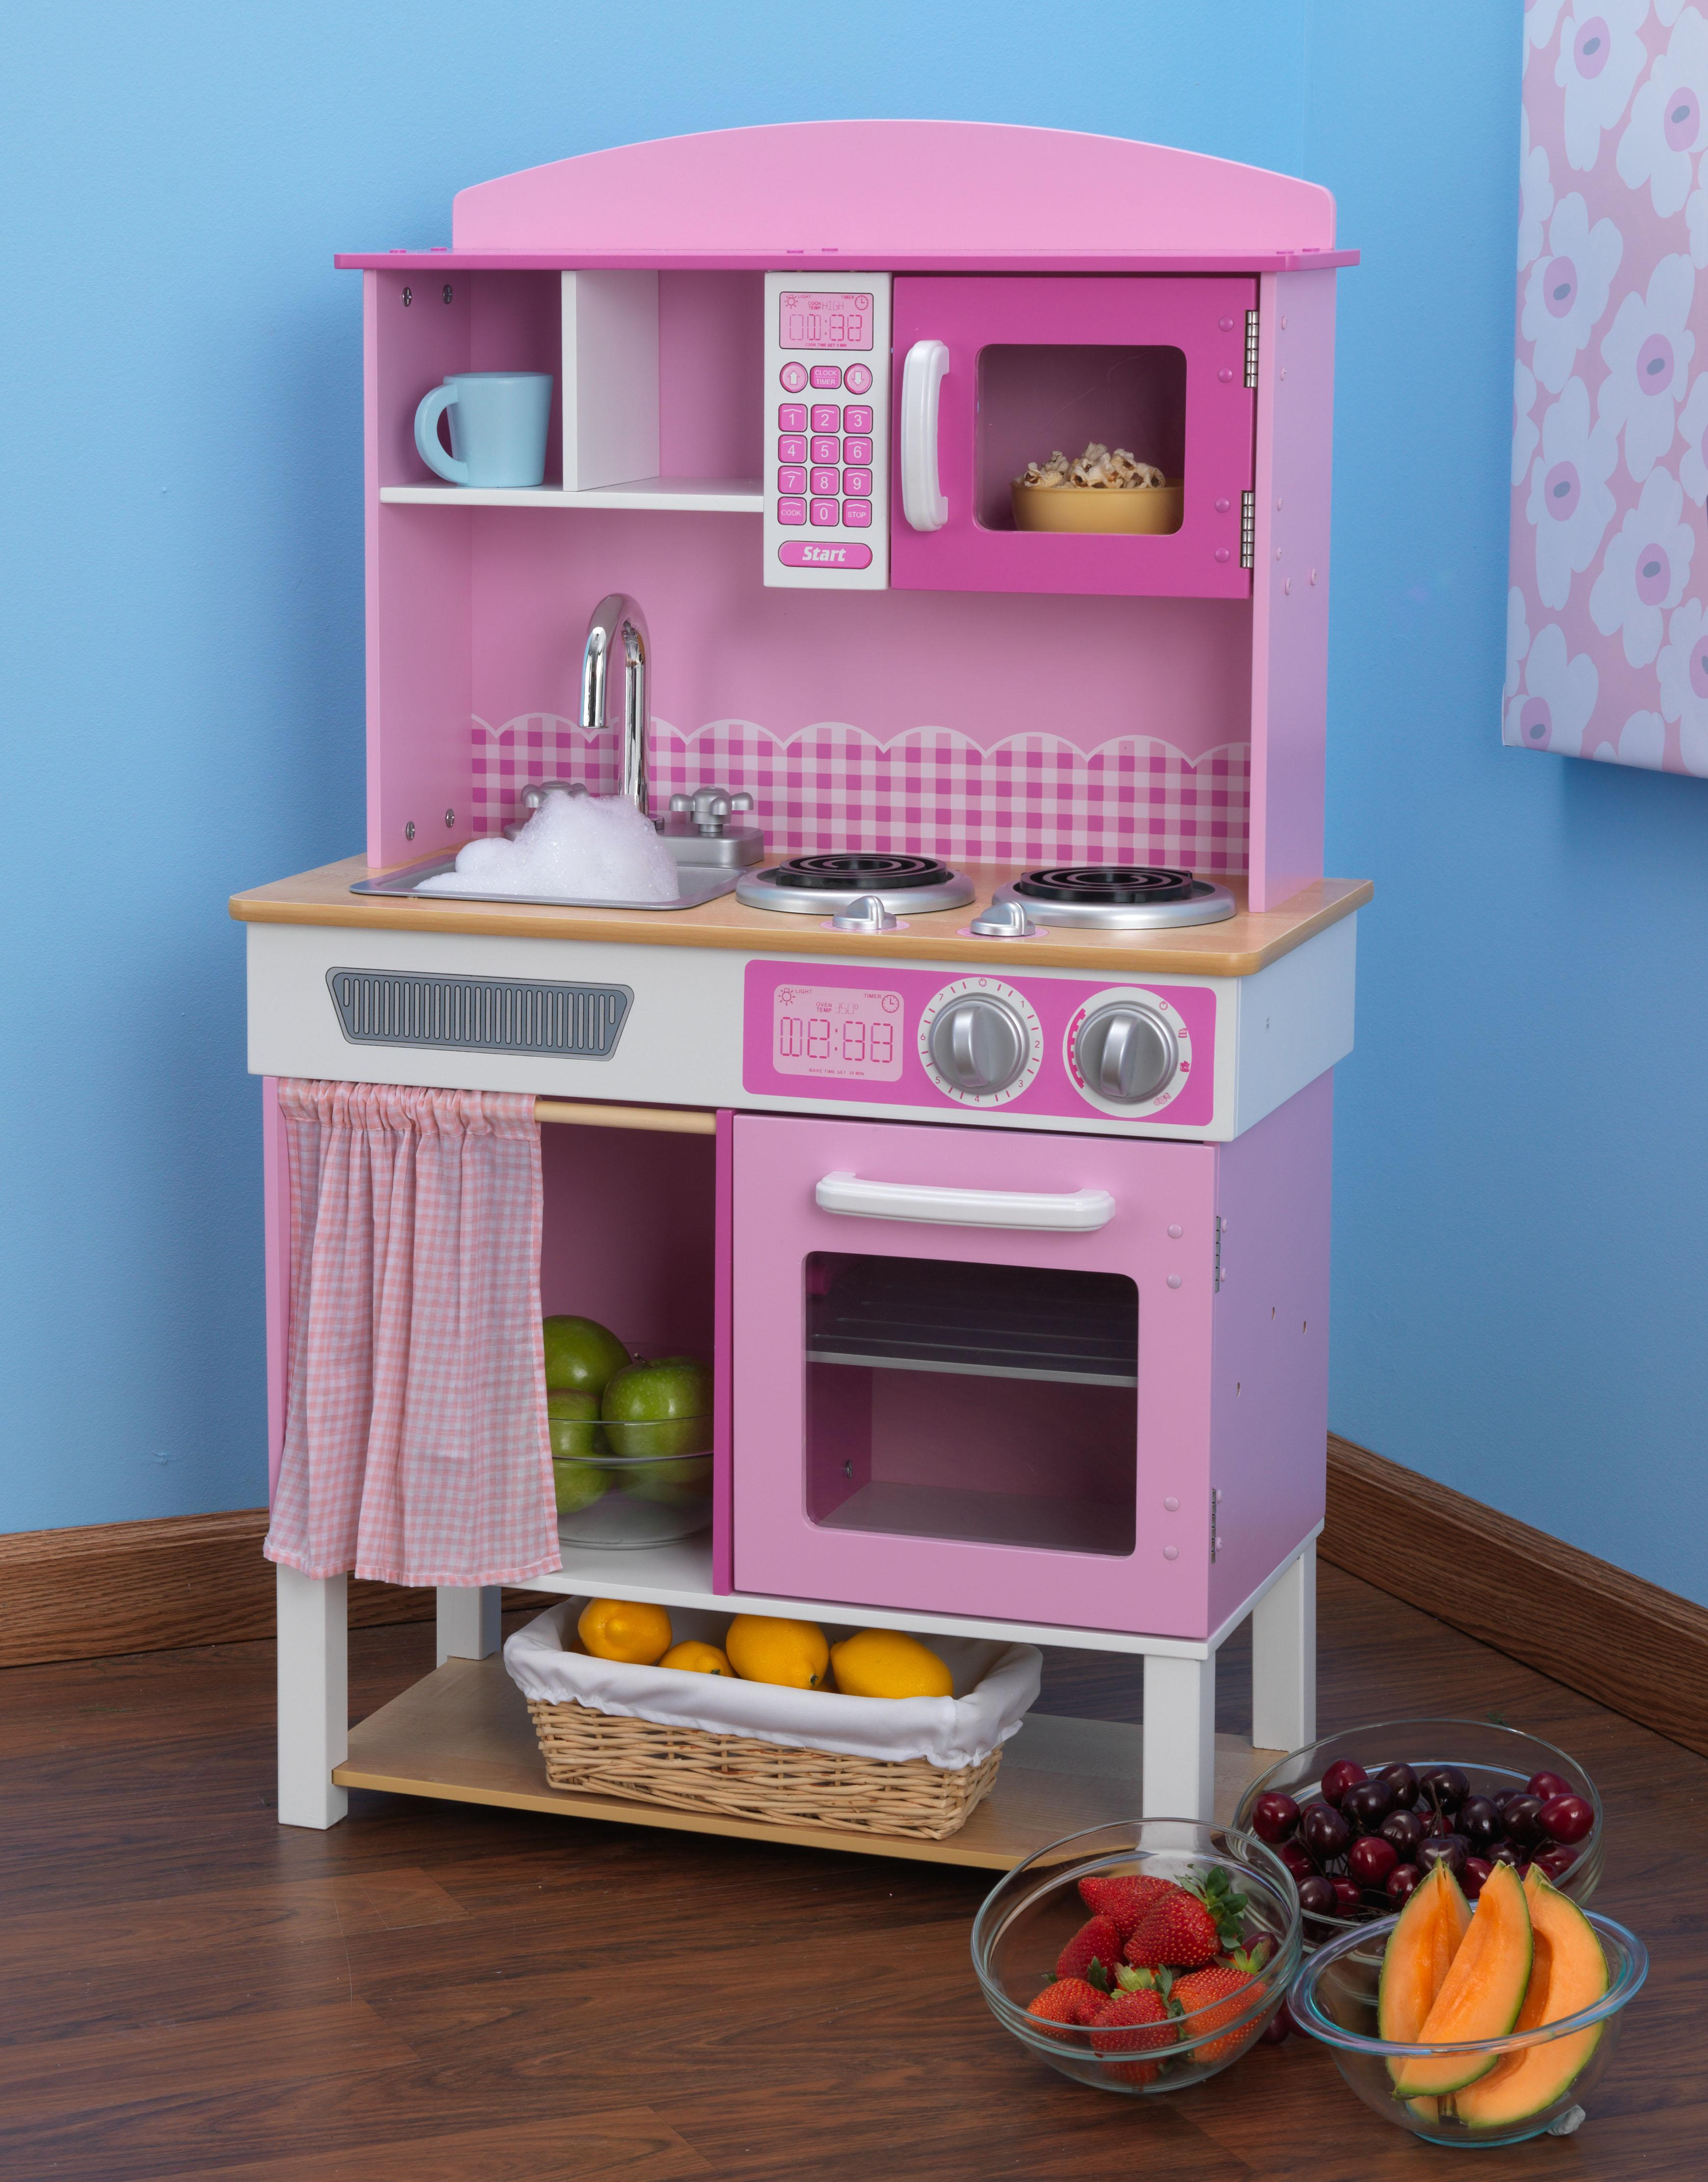 Kidkraft 53198 cucina giocattolo in legno per bambini home cookin 39 rosa giochi e - Cucina giocattolo in legno ...